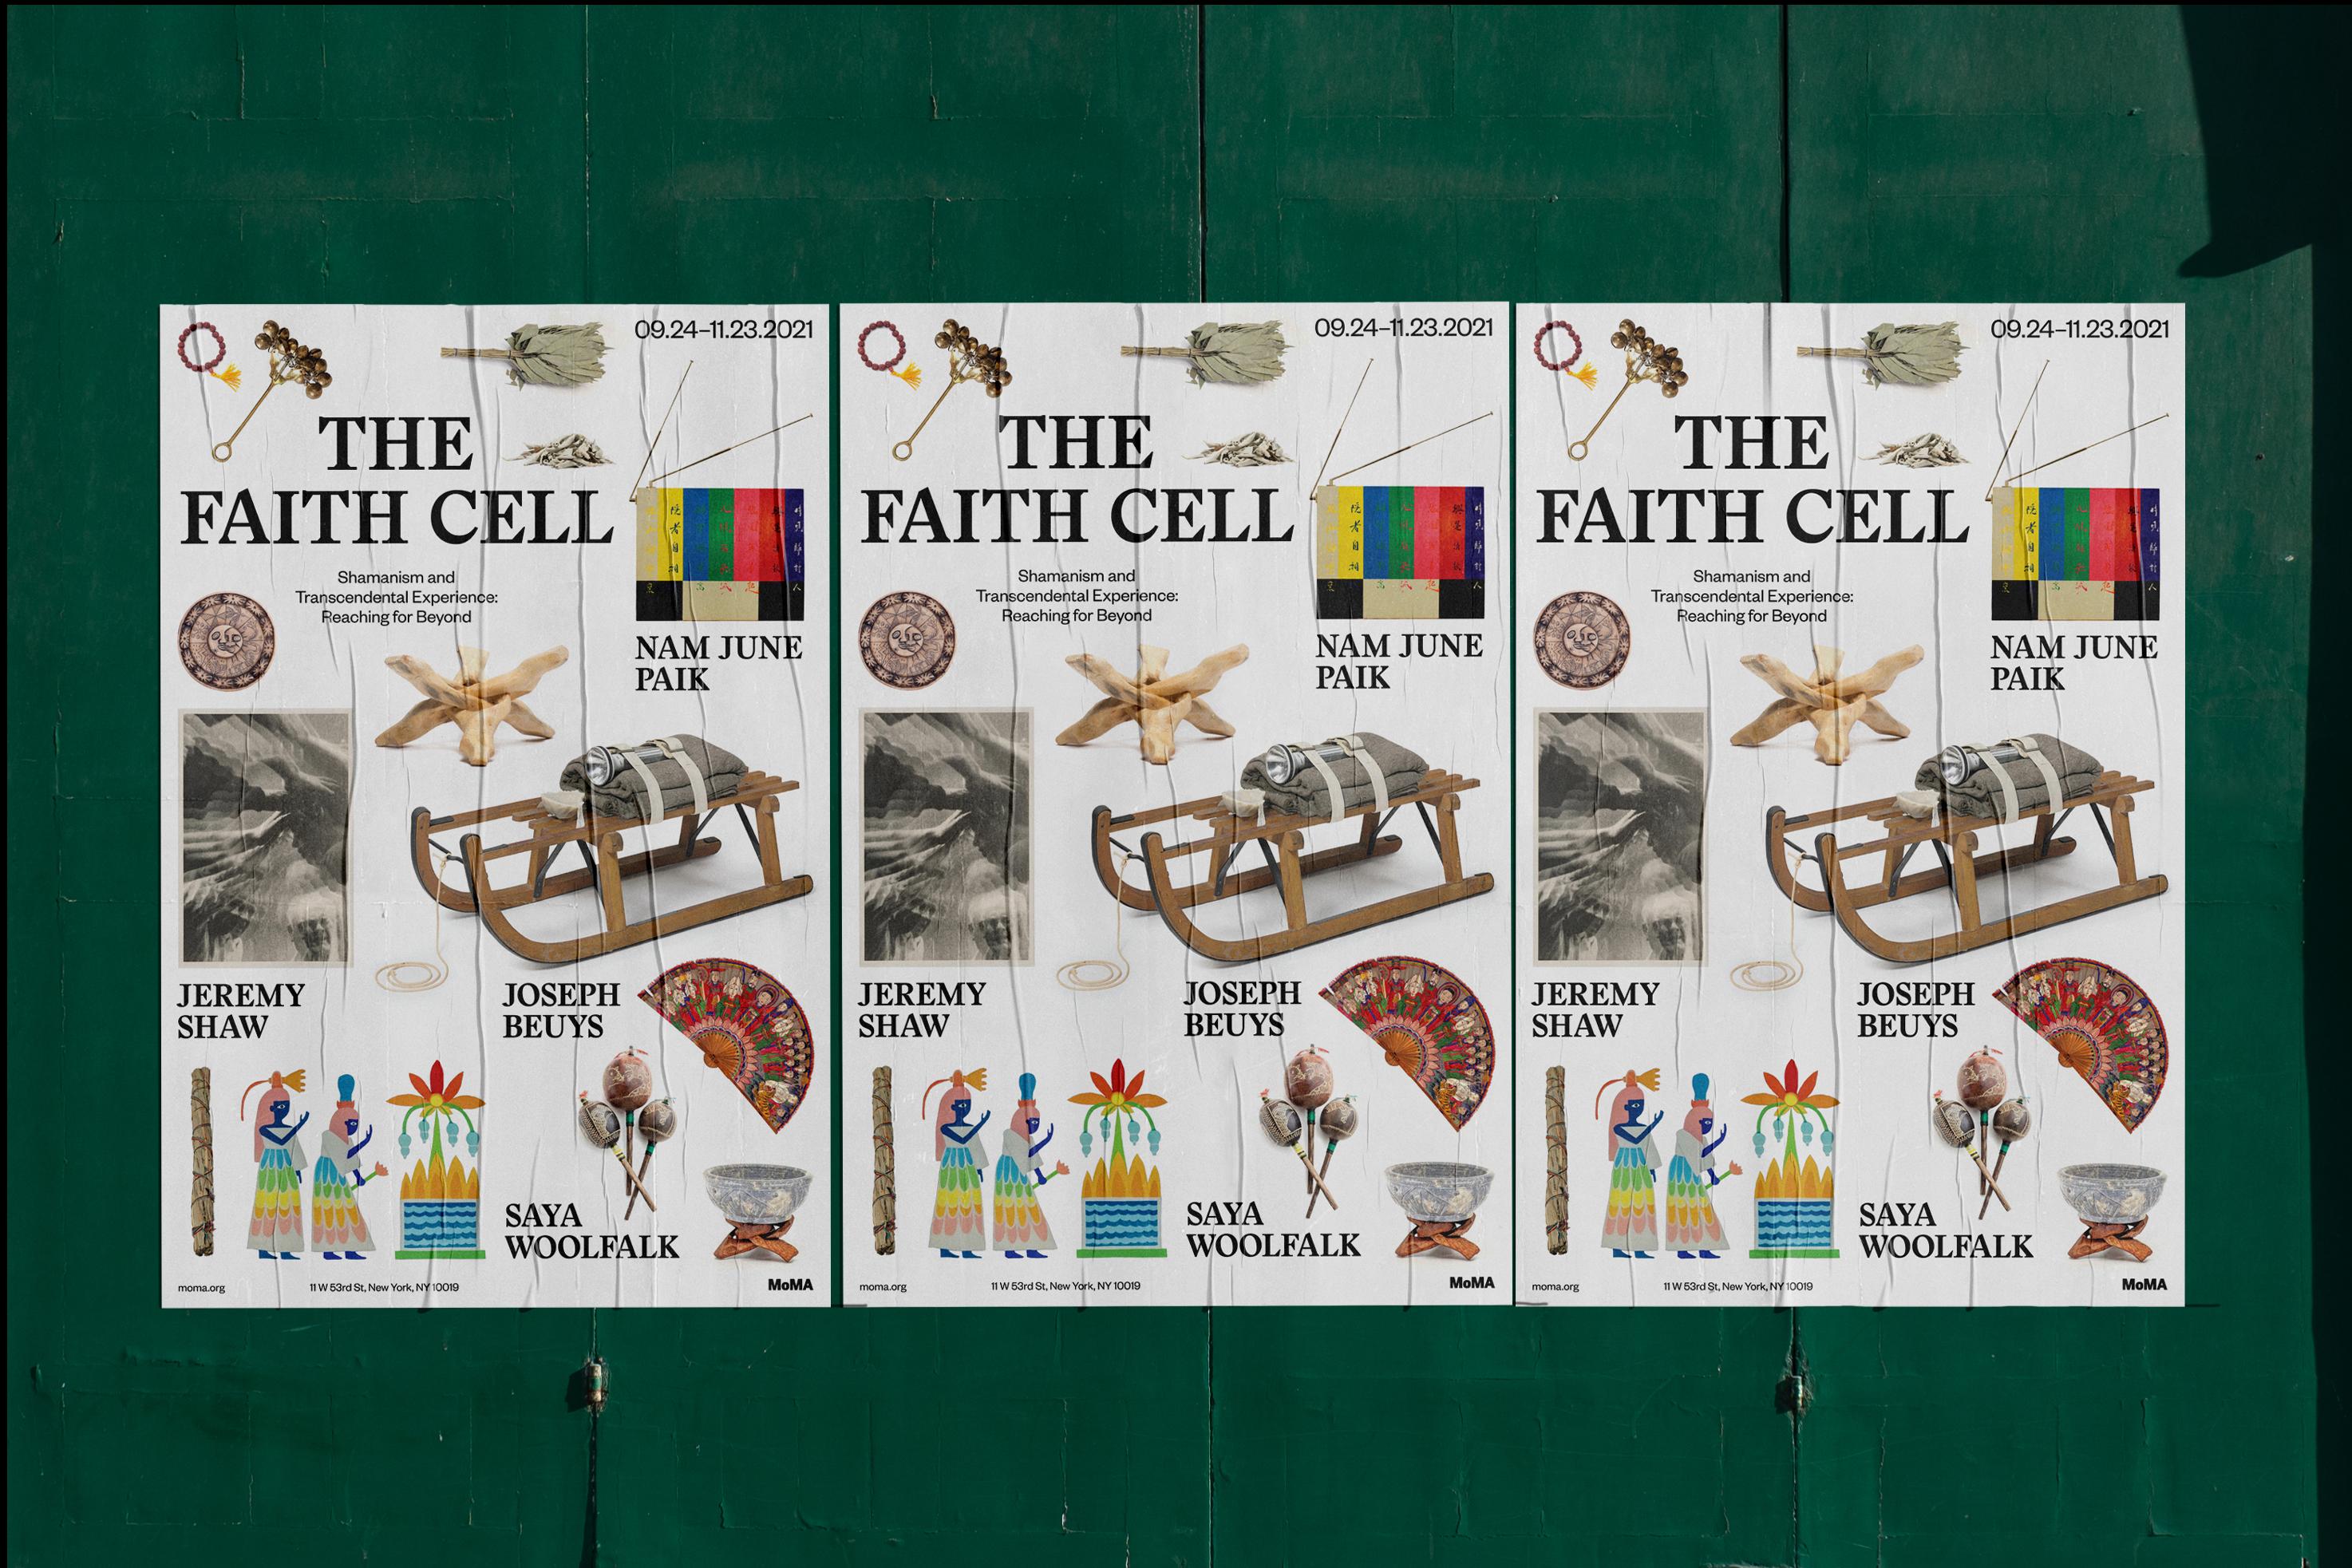 The Faith Cell